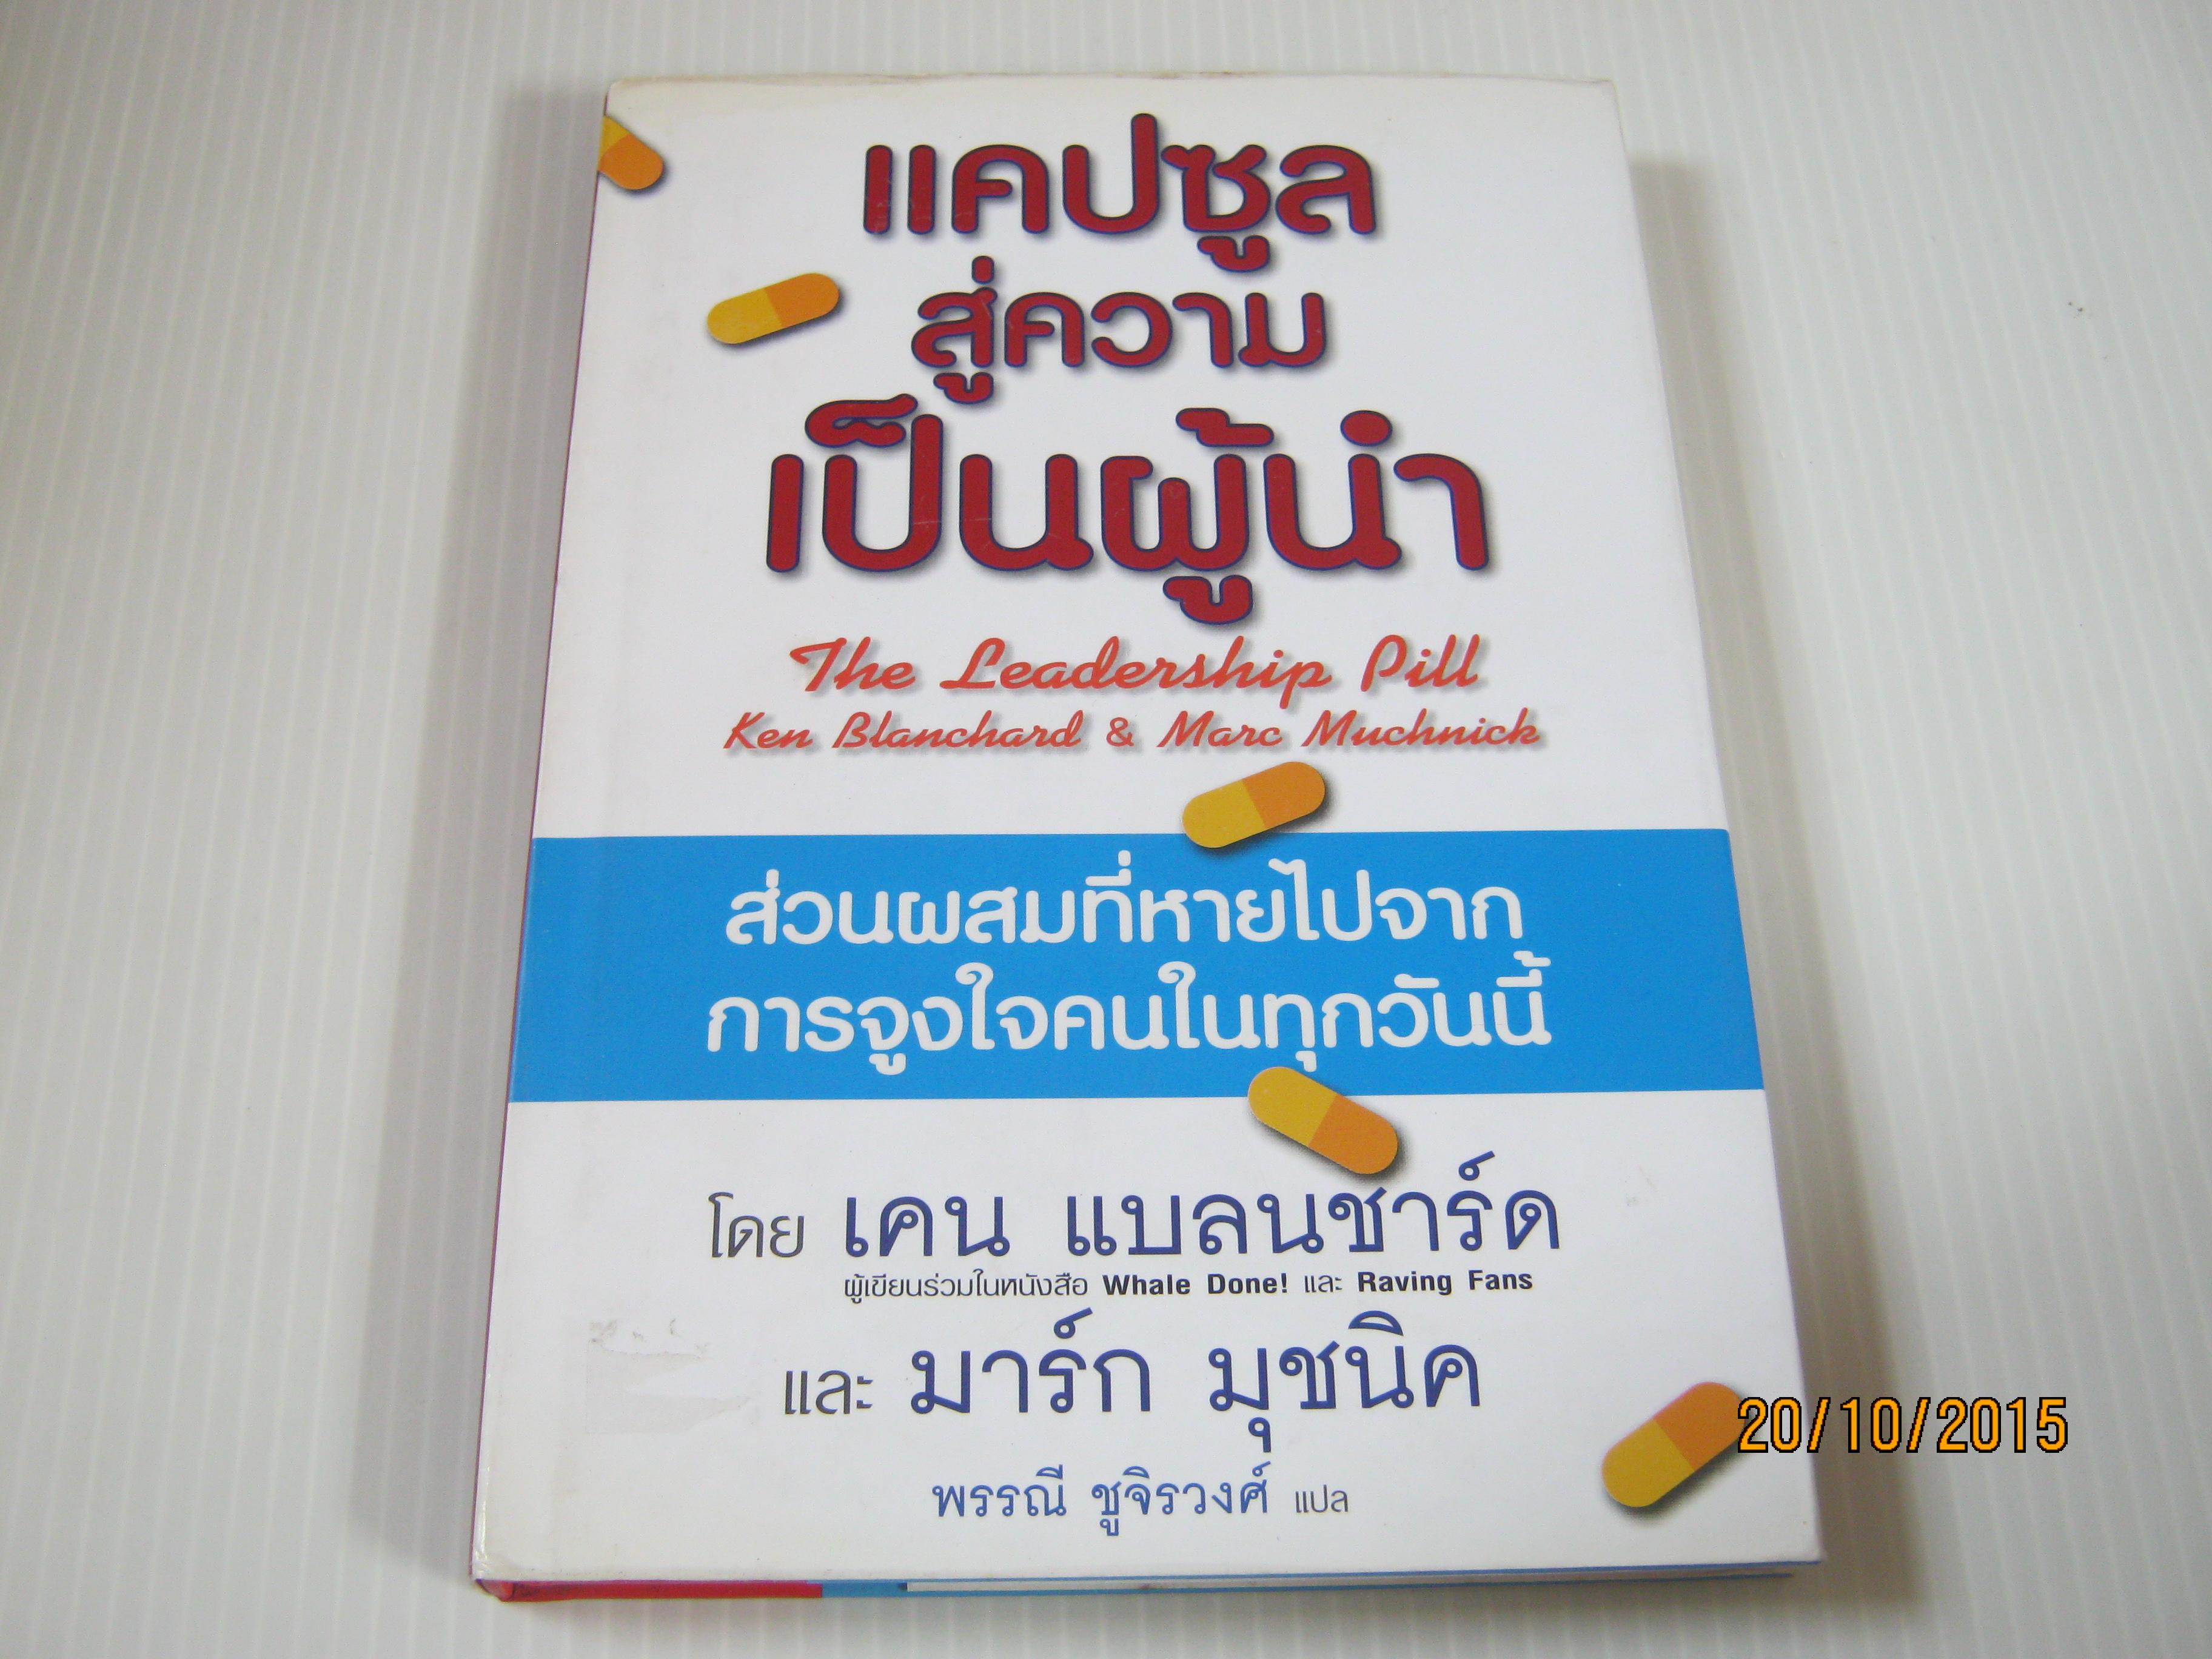 แคปซูลสู่ความเป็นผู้นำ (The Leadership Pill) เคน แบลนชาร์ดและมาร์ก มุชนิค เขียน พรรณี ชูจิรวงศ์ แปล